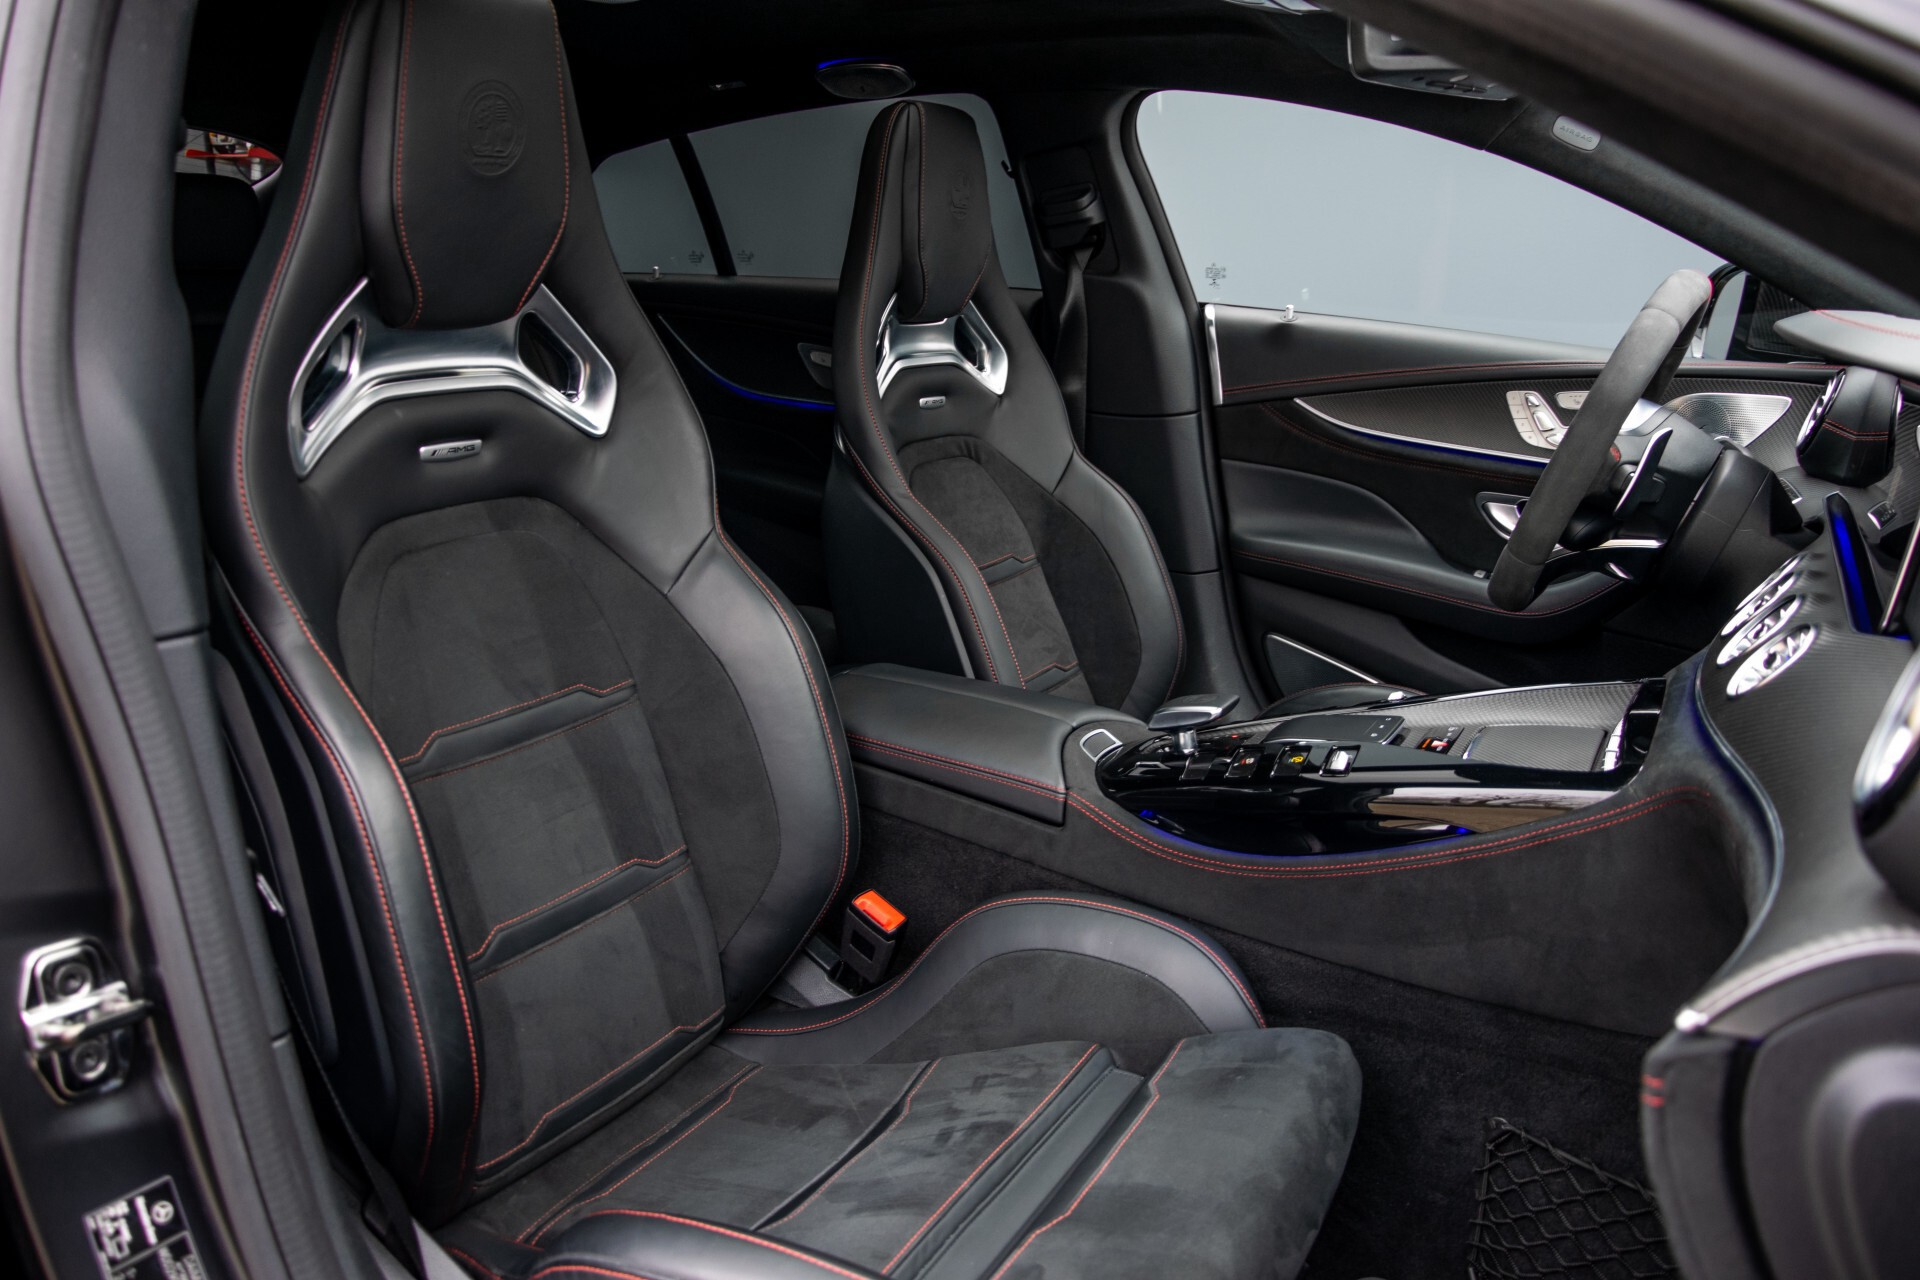 Mercedes-Benz AMG GT 4-Door Coupe 63 S 4M+ Keramisch/Full Carbon/Aerodynamica/Burmester 3D/TV/Performance stoelen/Standkachel Aut9 Foto 3